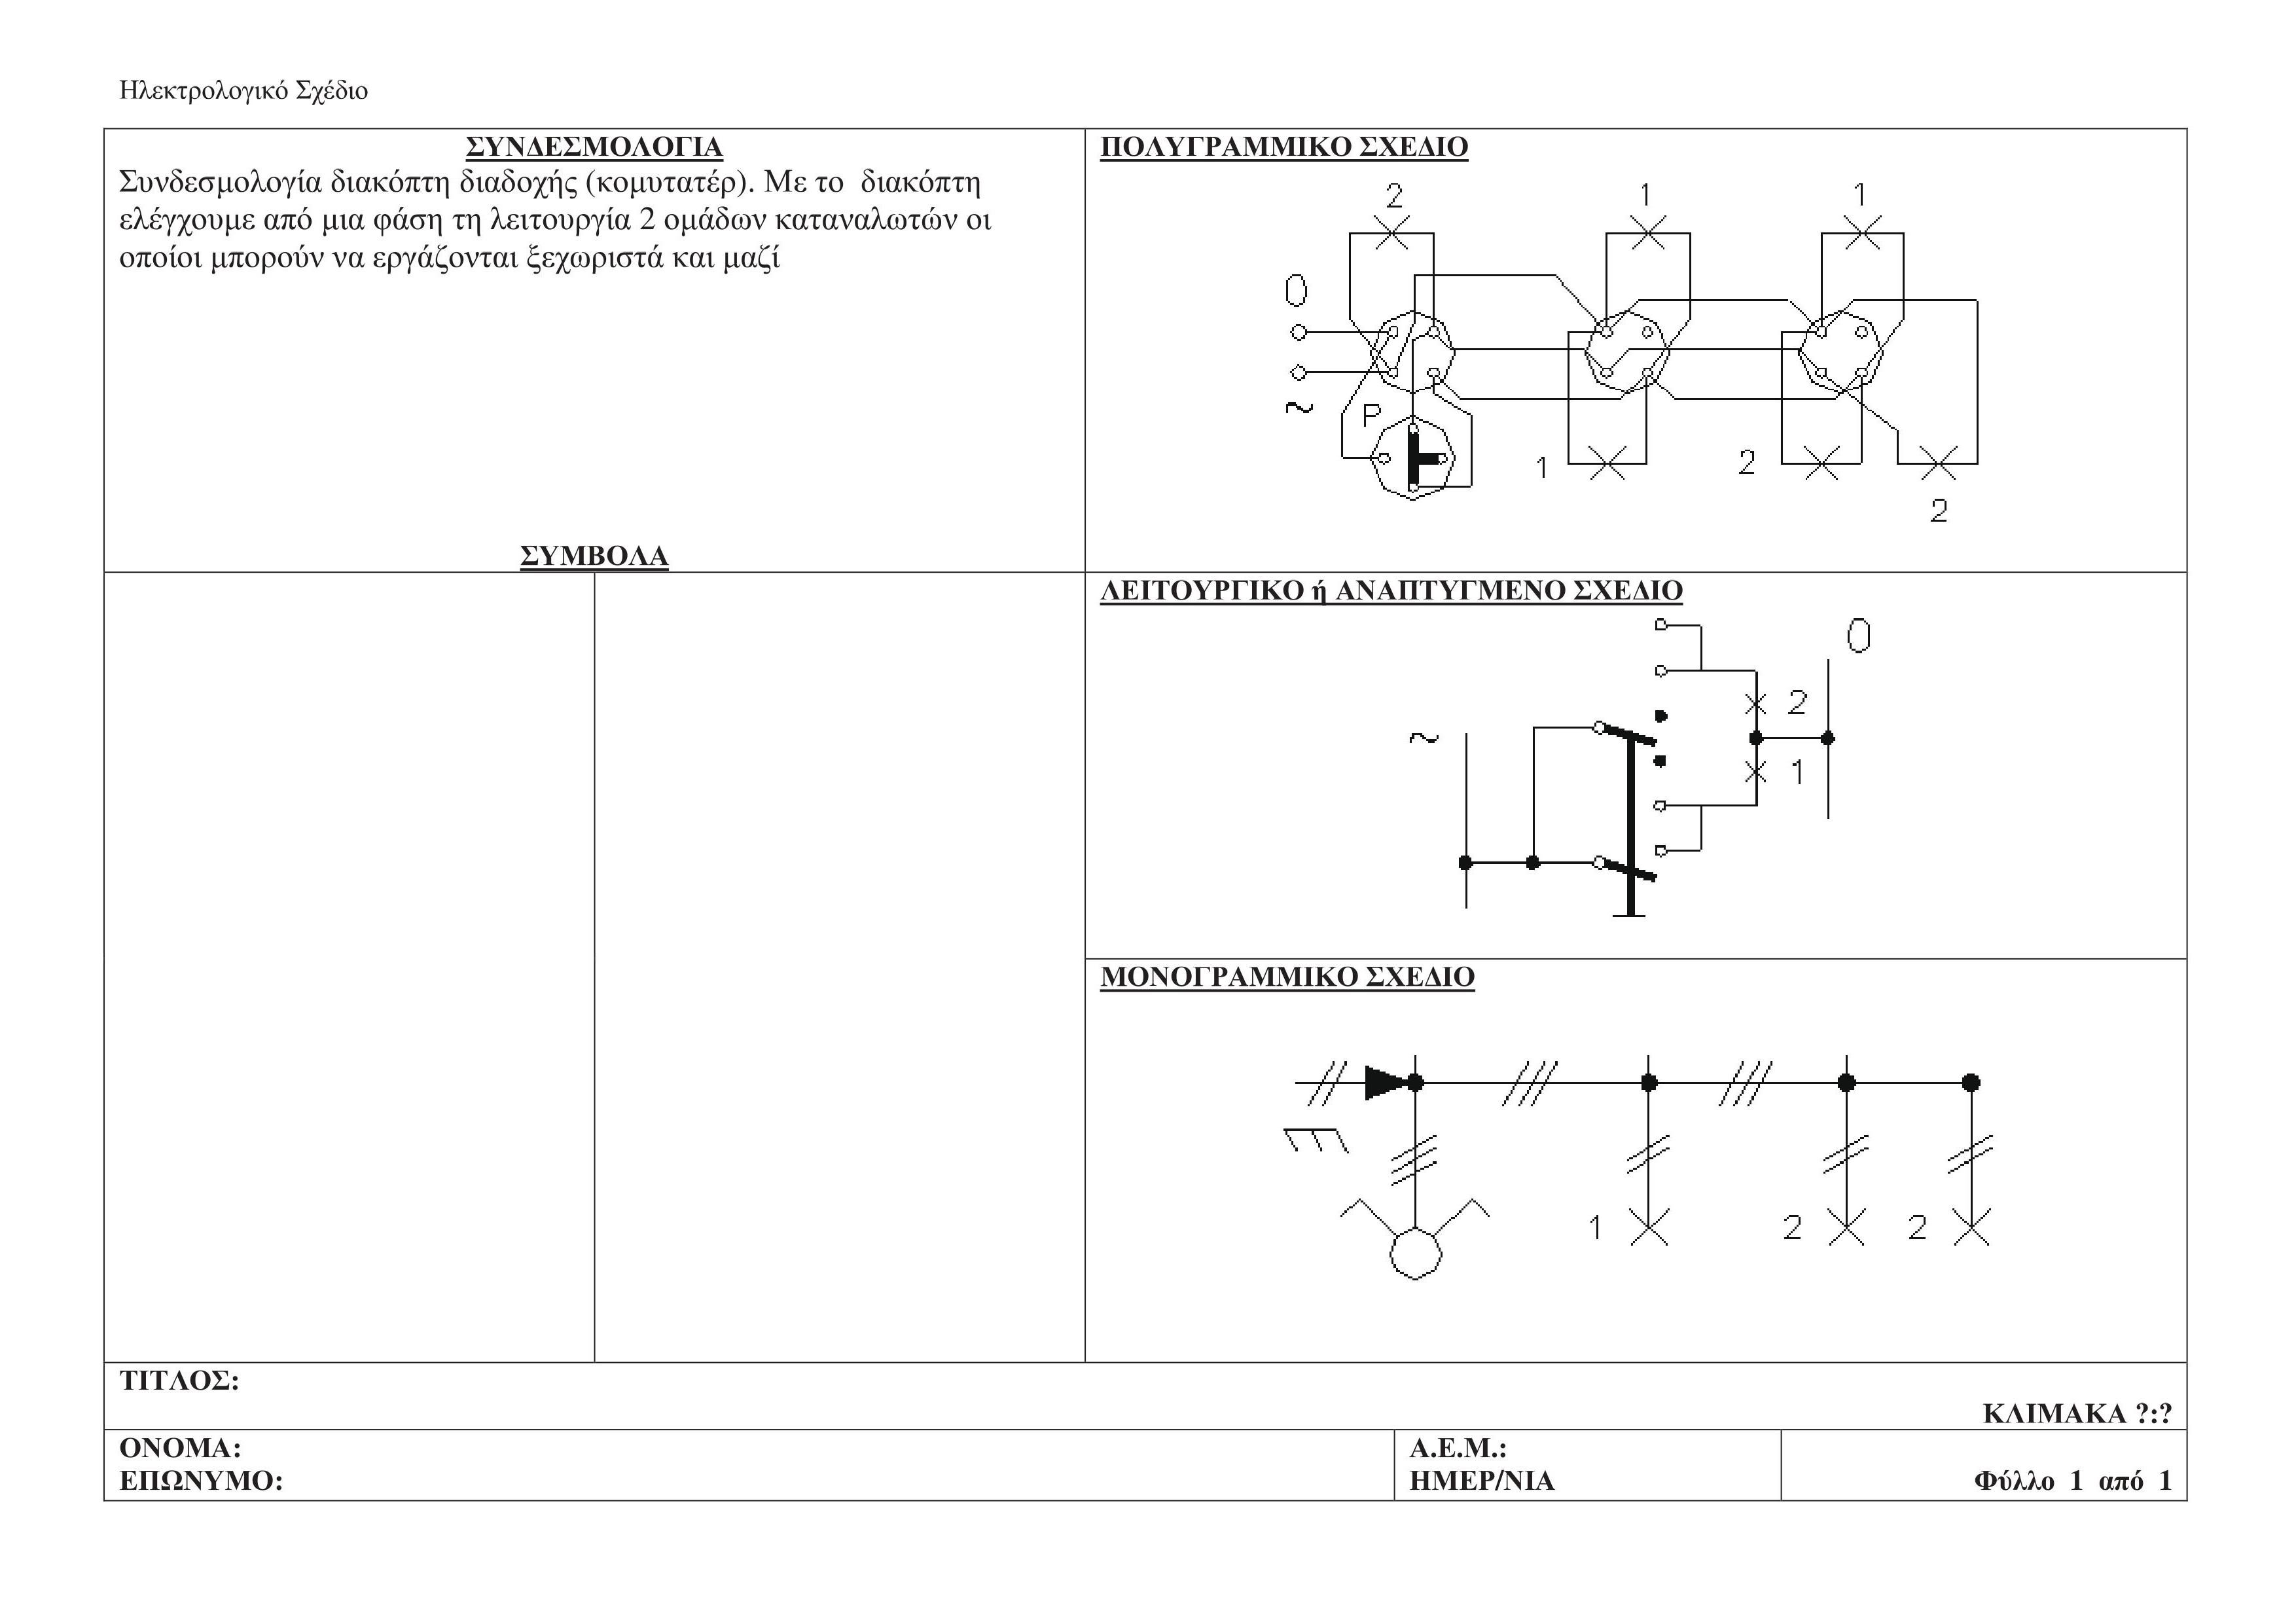 Ηλεκτρολογικό Σχέδιο 5